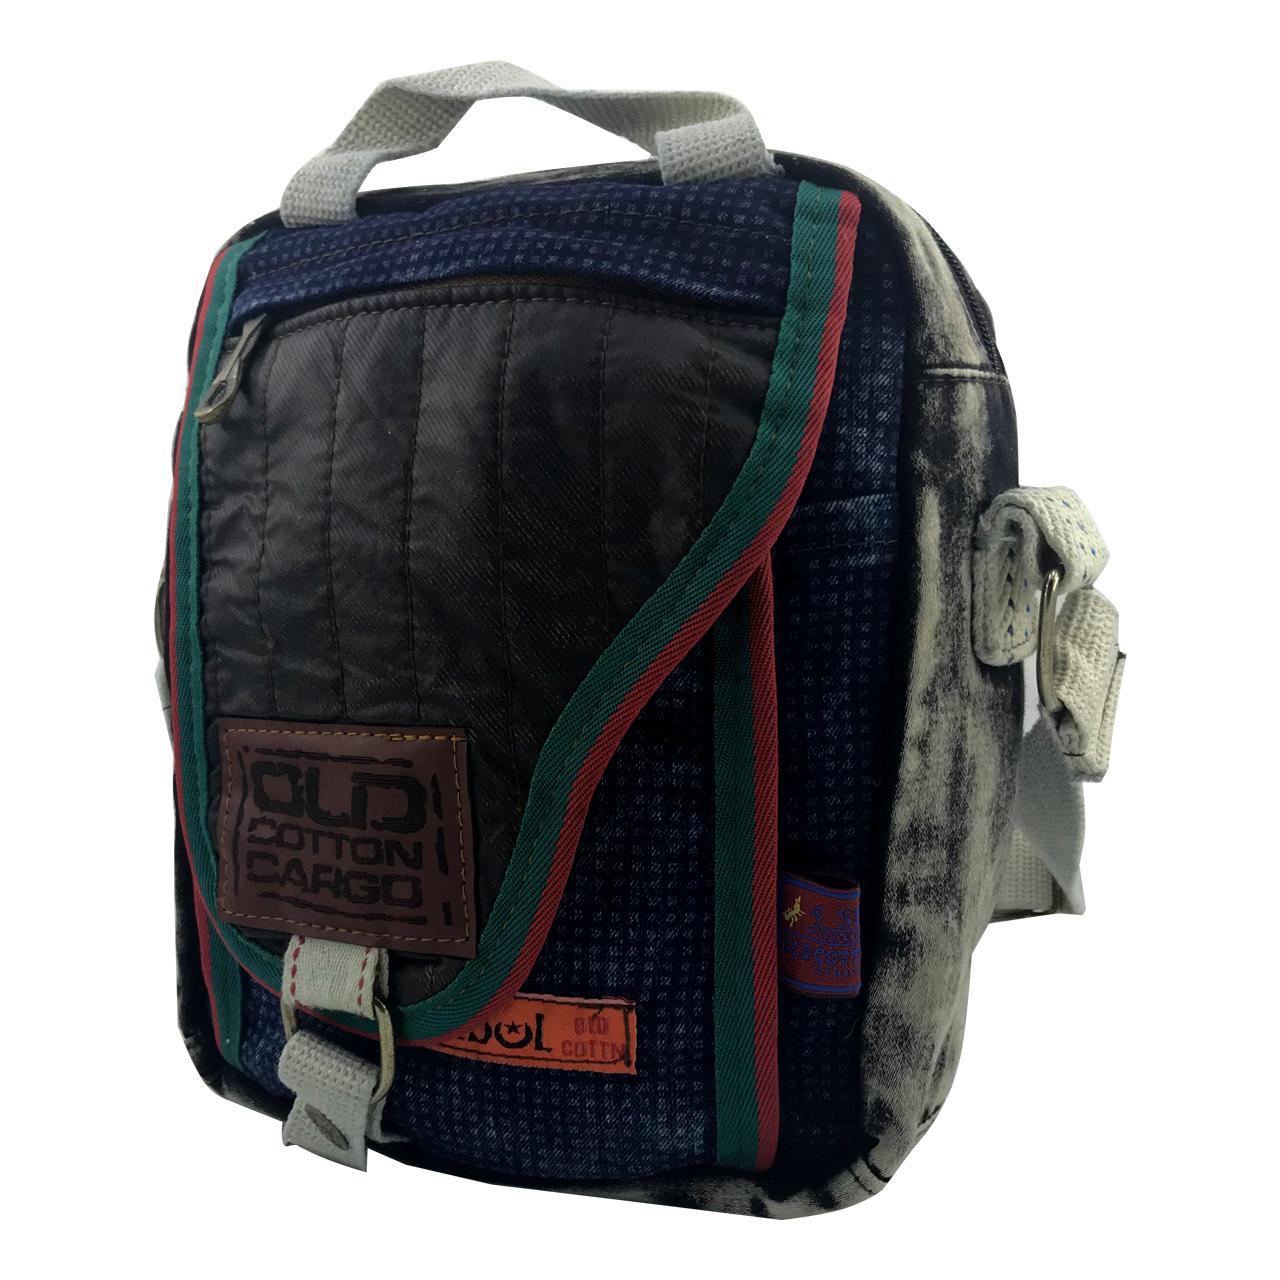 کیف رو دوشی اولد کتان کارگو مدل OC112